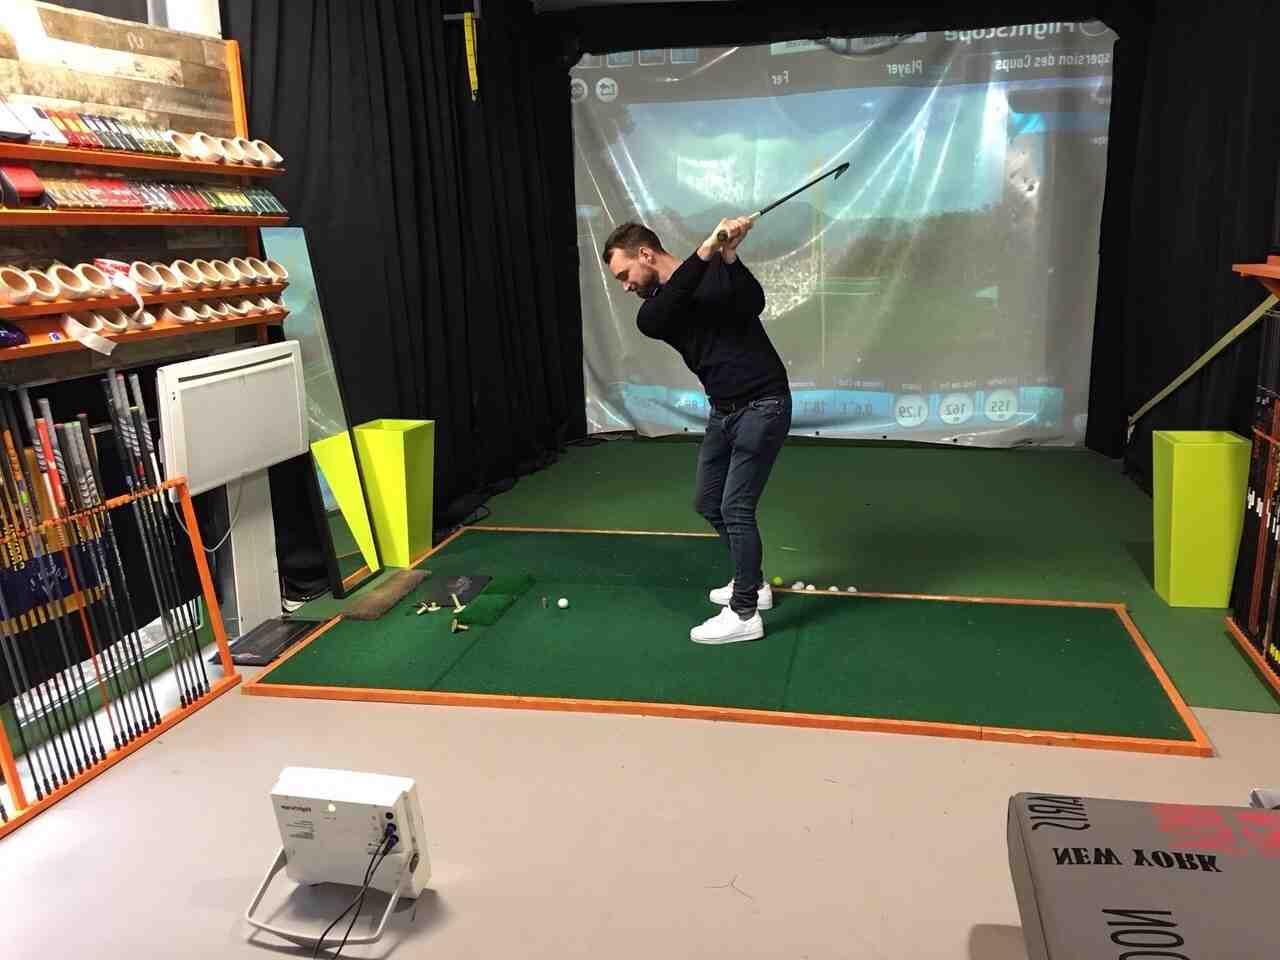 Comment choisissez-vous un bon pilote de golf?